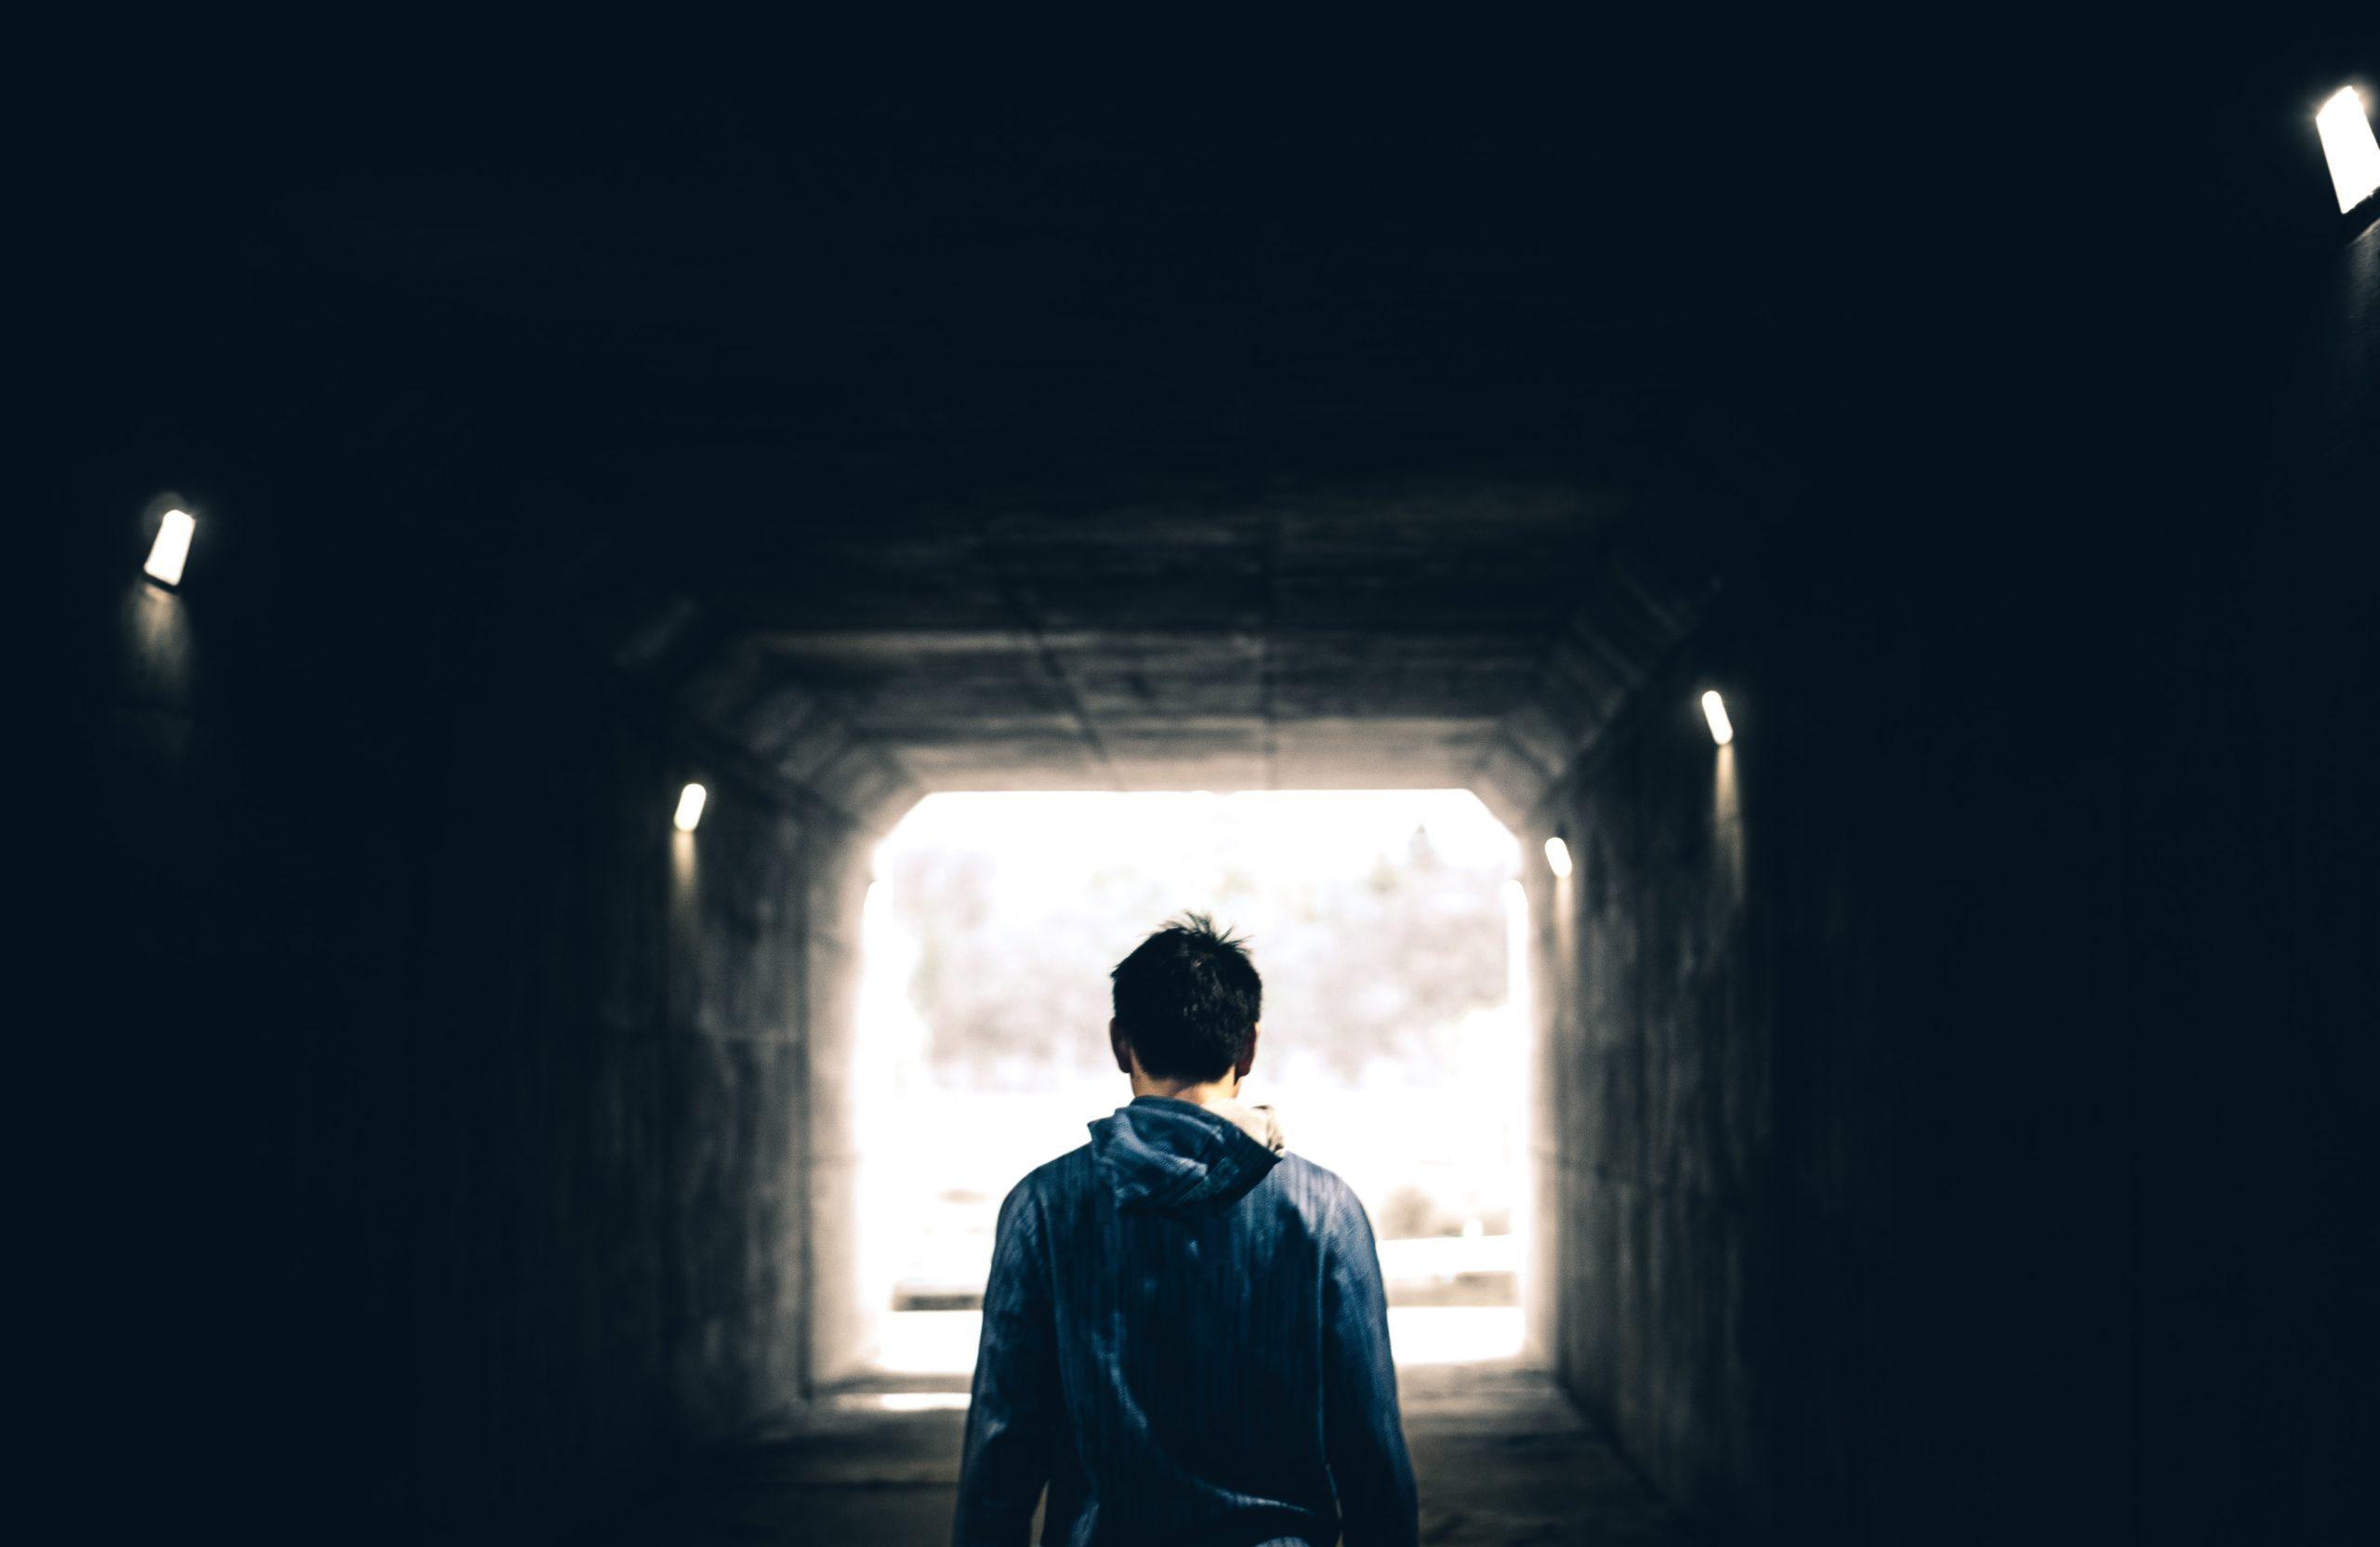 adolescent tunnel au dela des apparences